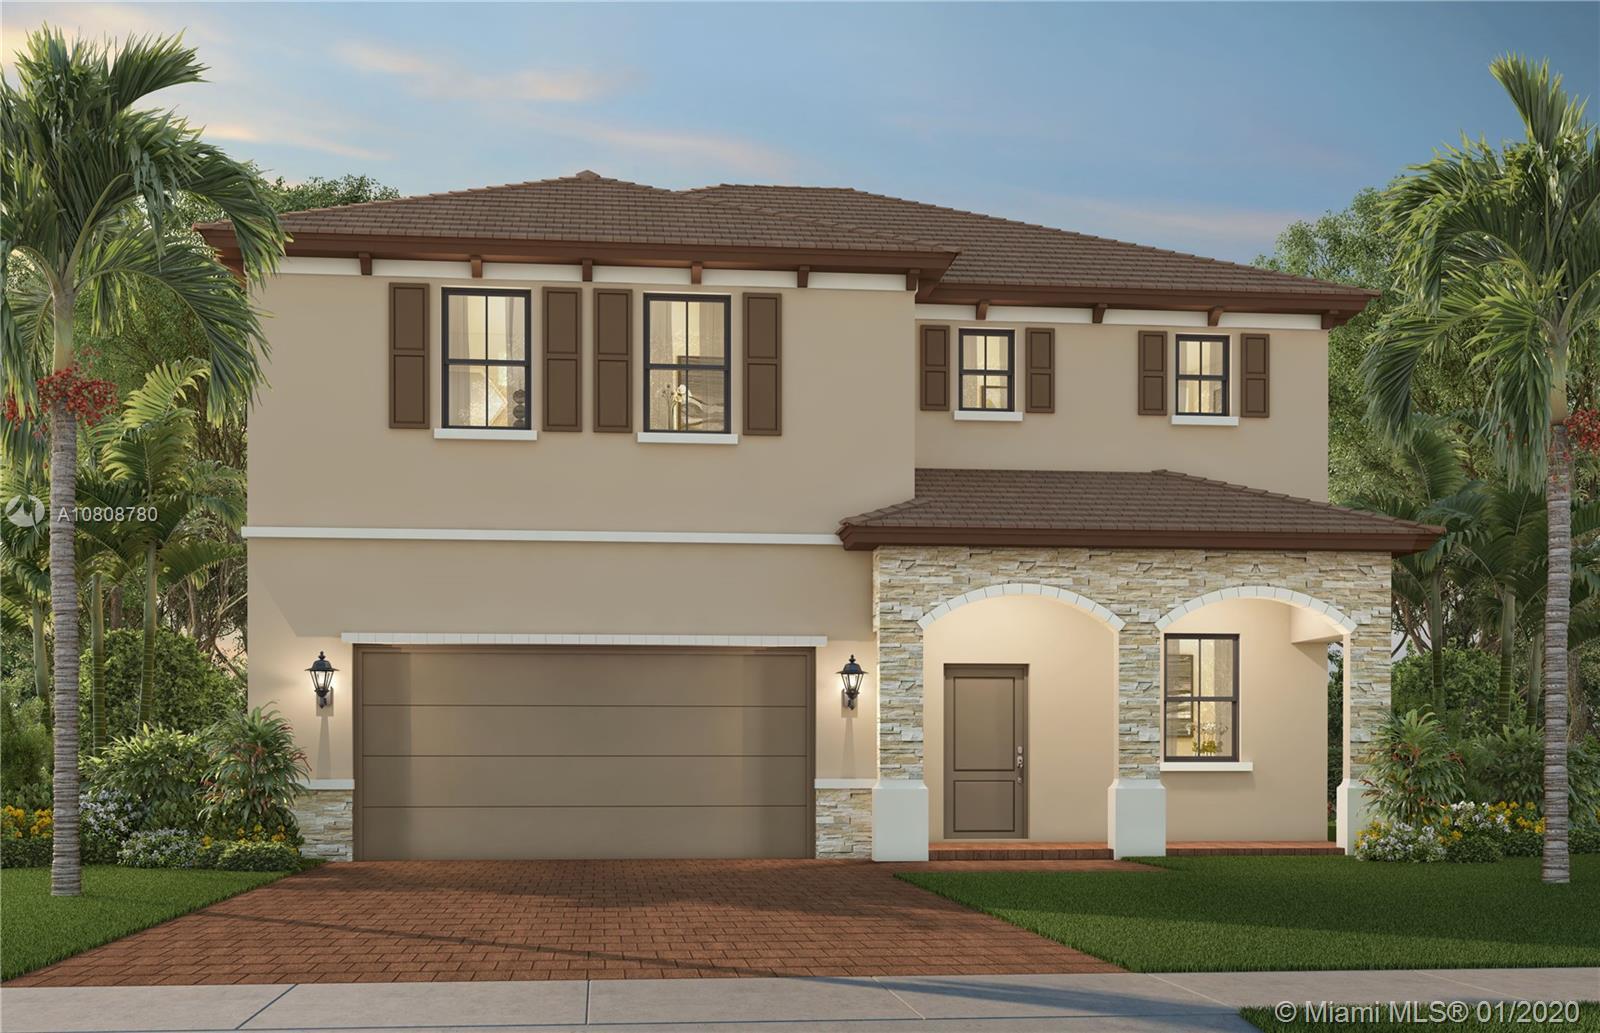 10300 SW 228 TERR, Miami, FL 33190